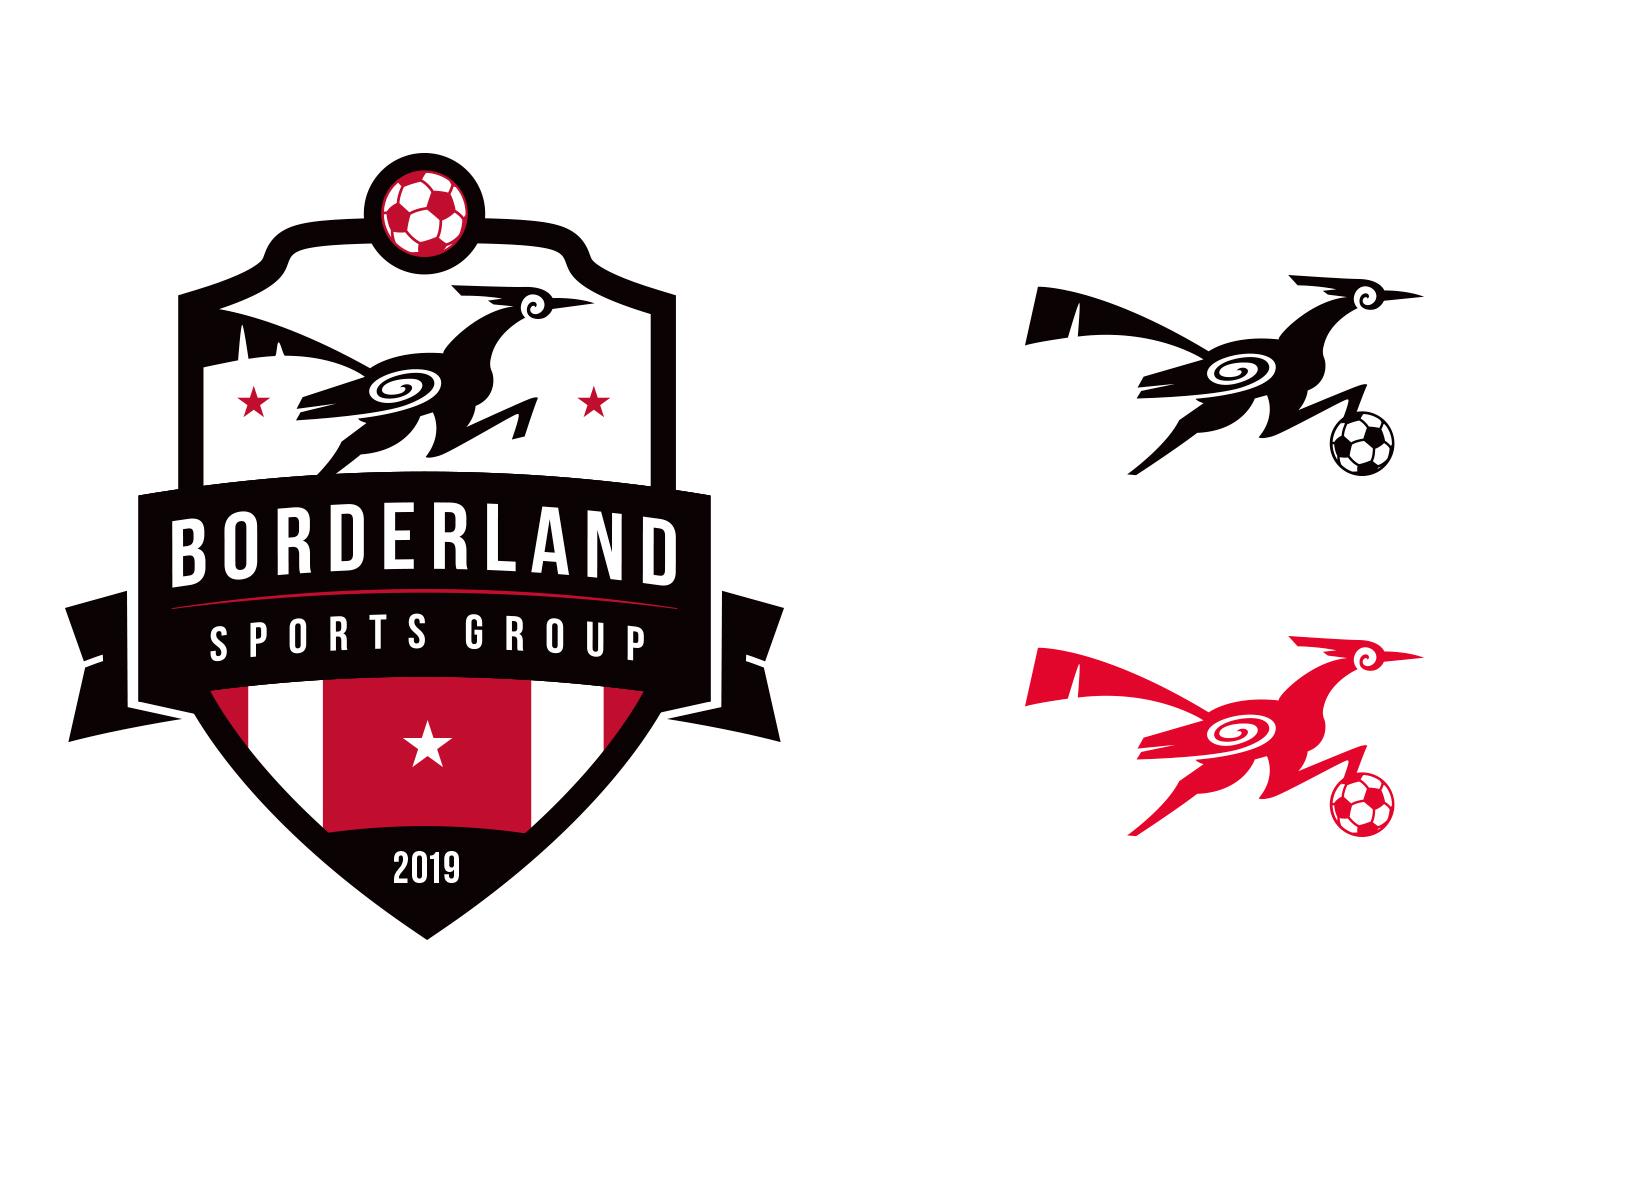 borderland-soccer-crest-designs-by-jordan-fretz-3.jpg